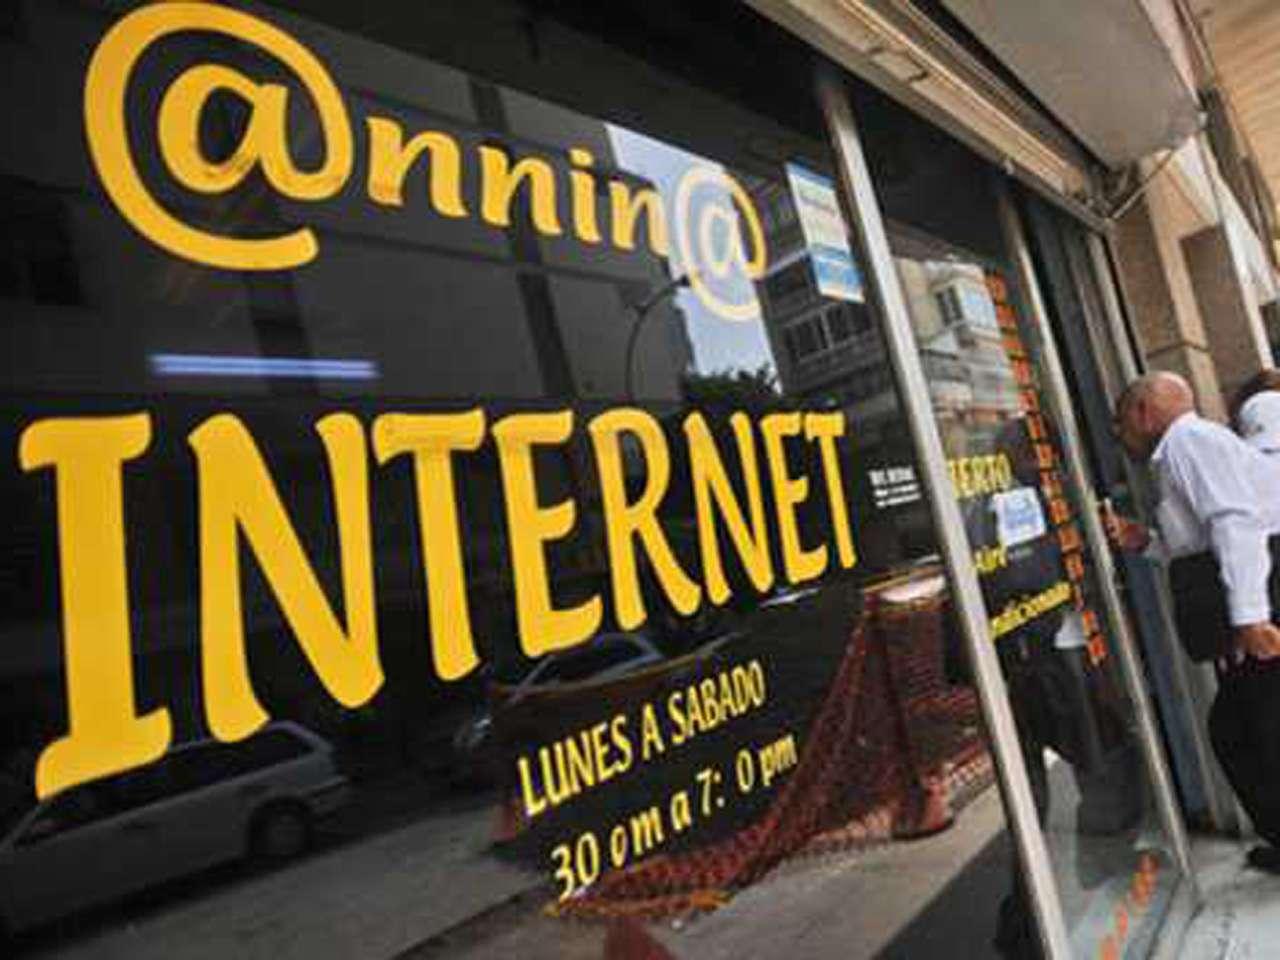 Aunque el acceso a internet en Venezuela ha crecido, la velocidad ha bajado. Foto: AFP en español